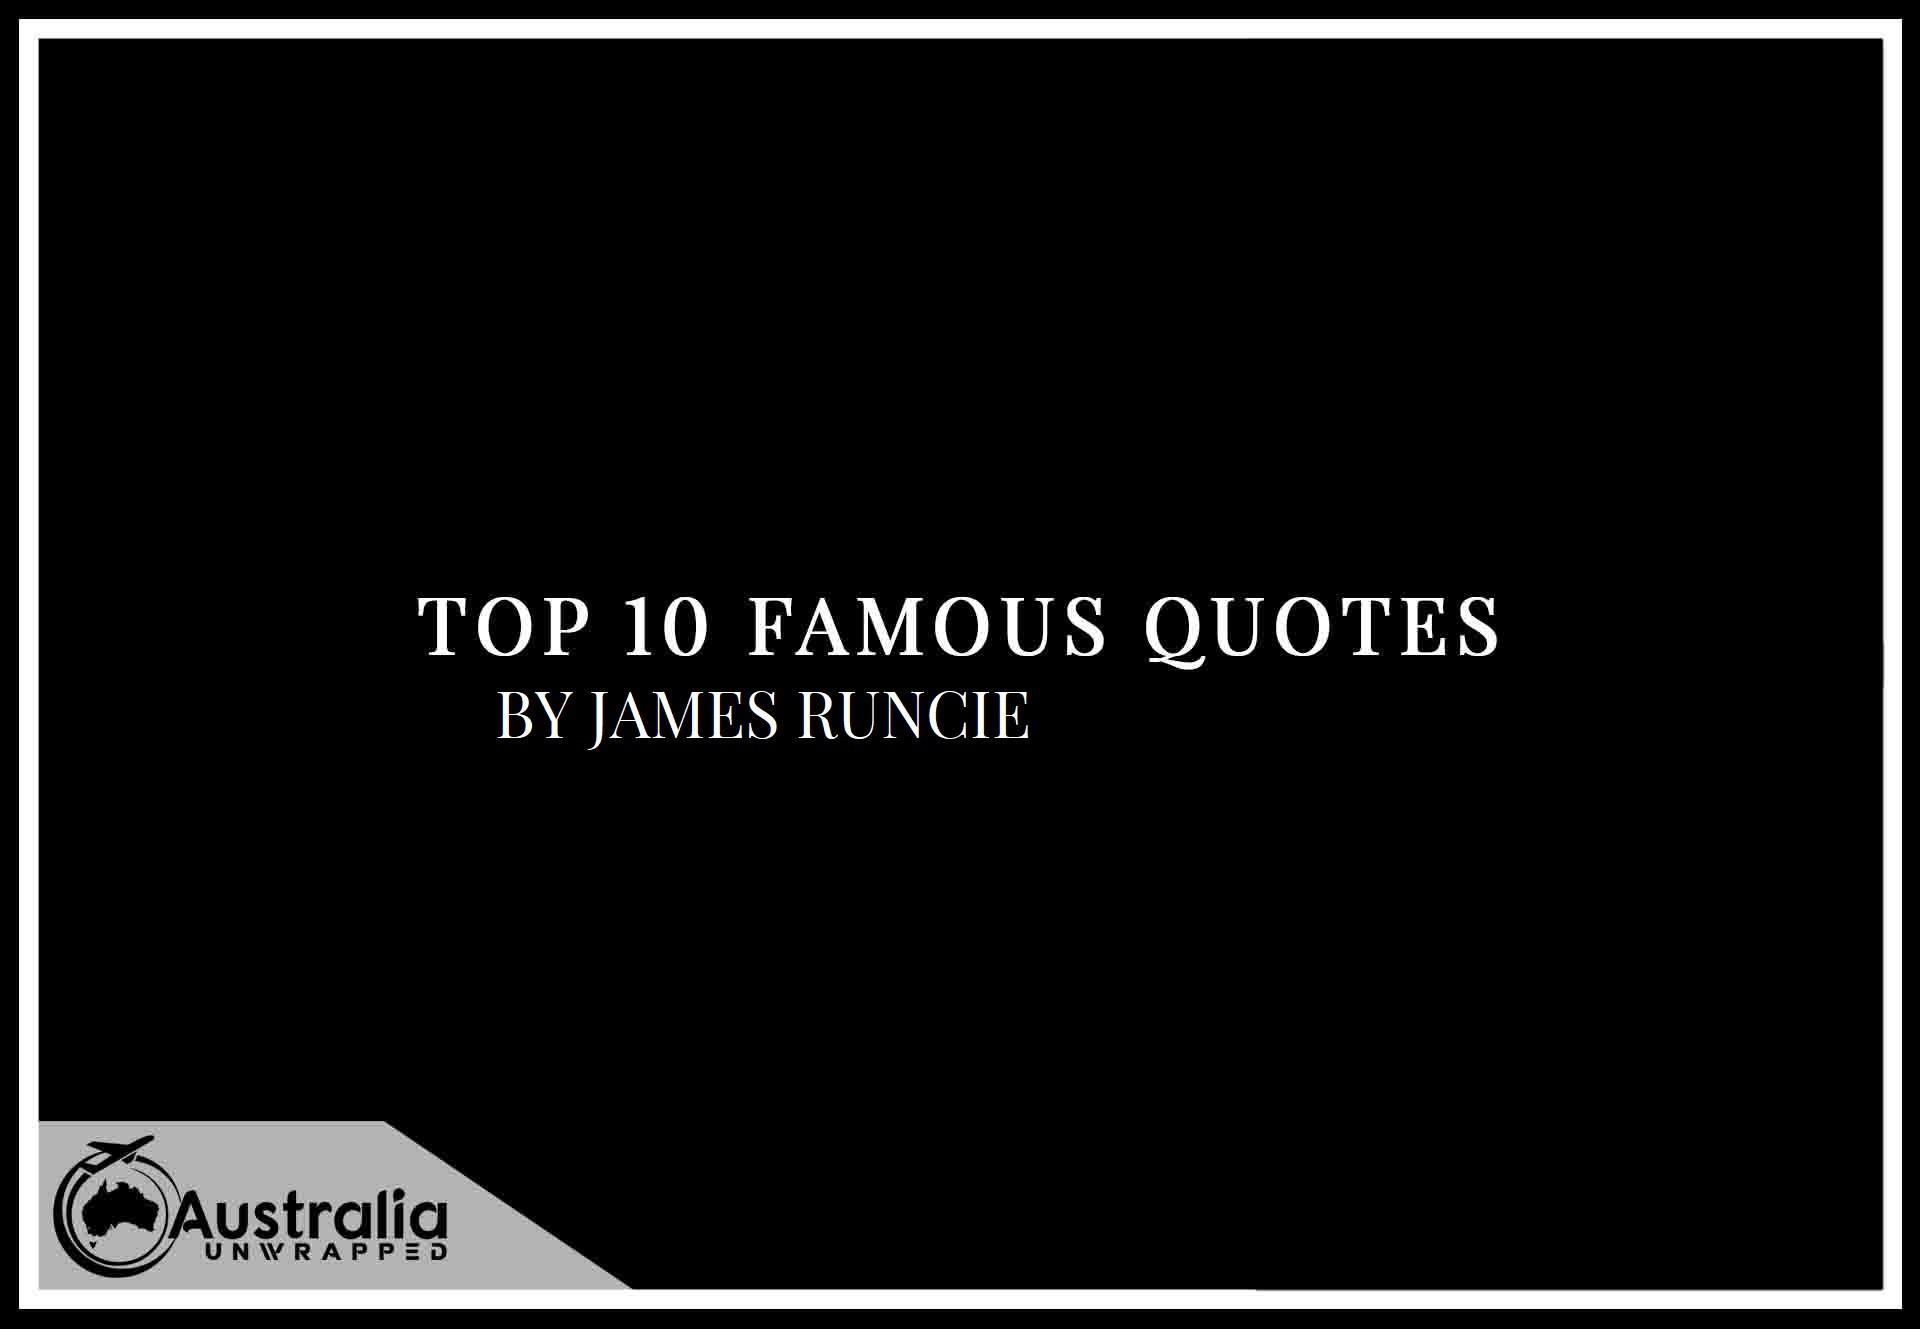 Top 10 Famous Quotes by Author James Runcie